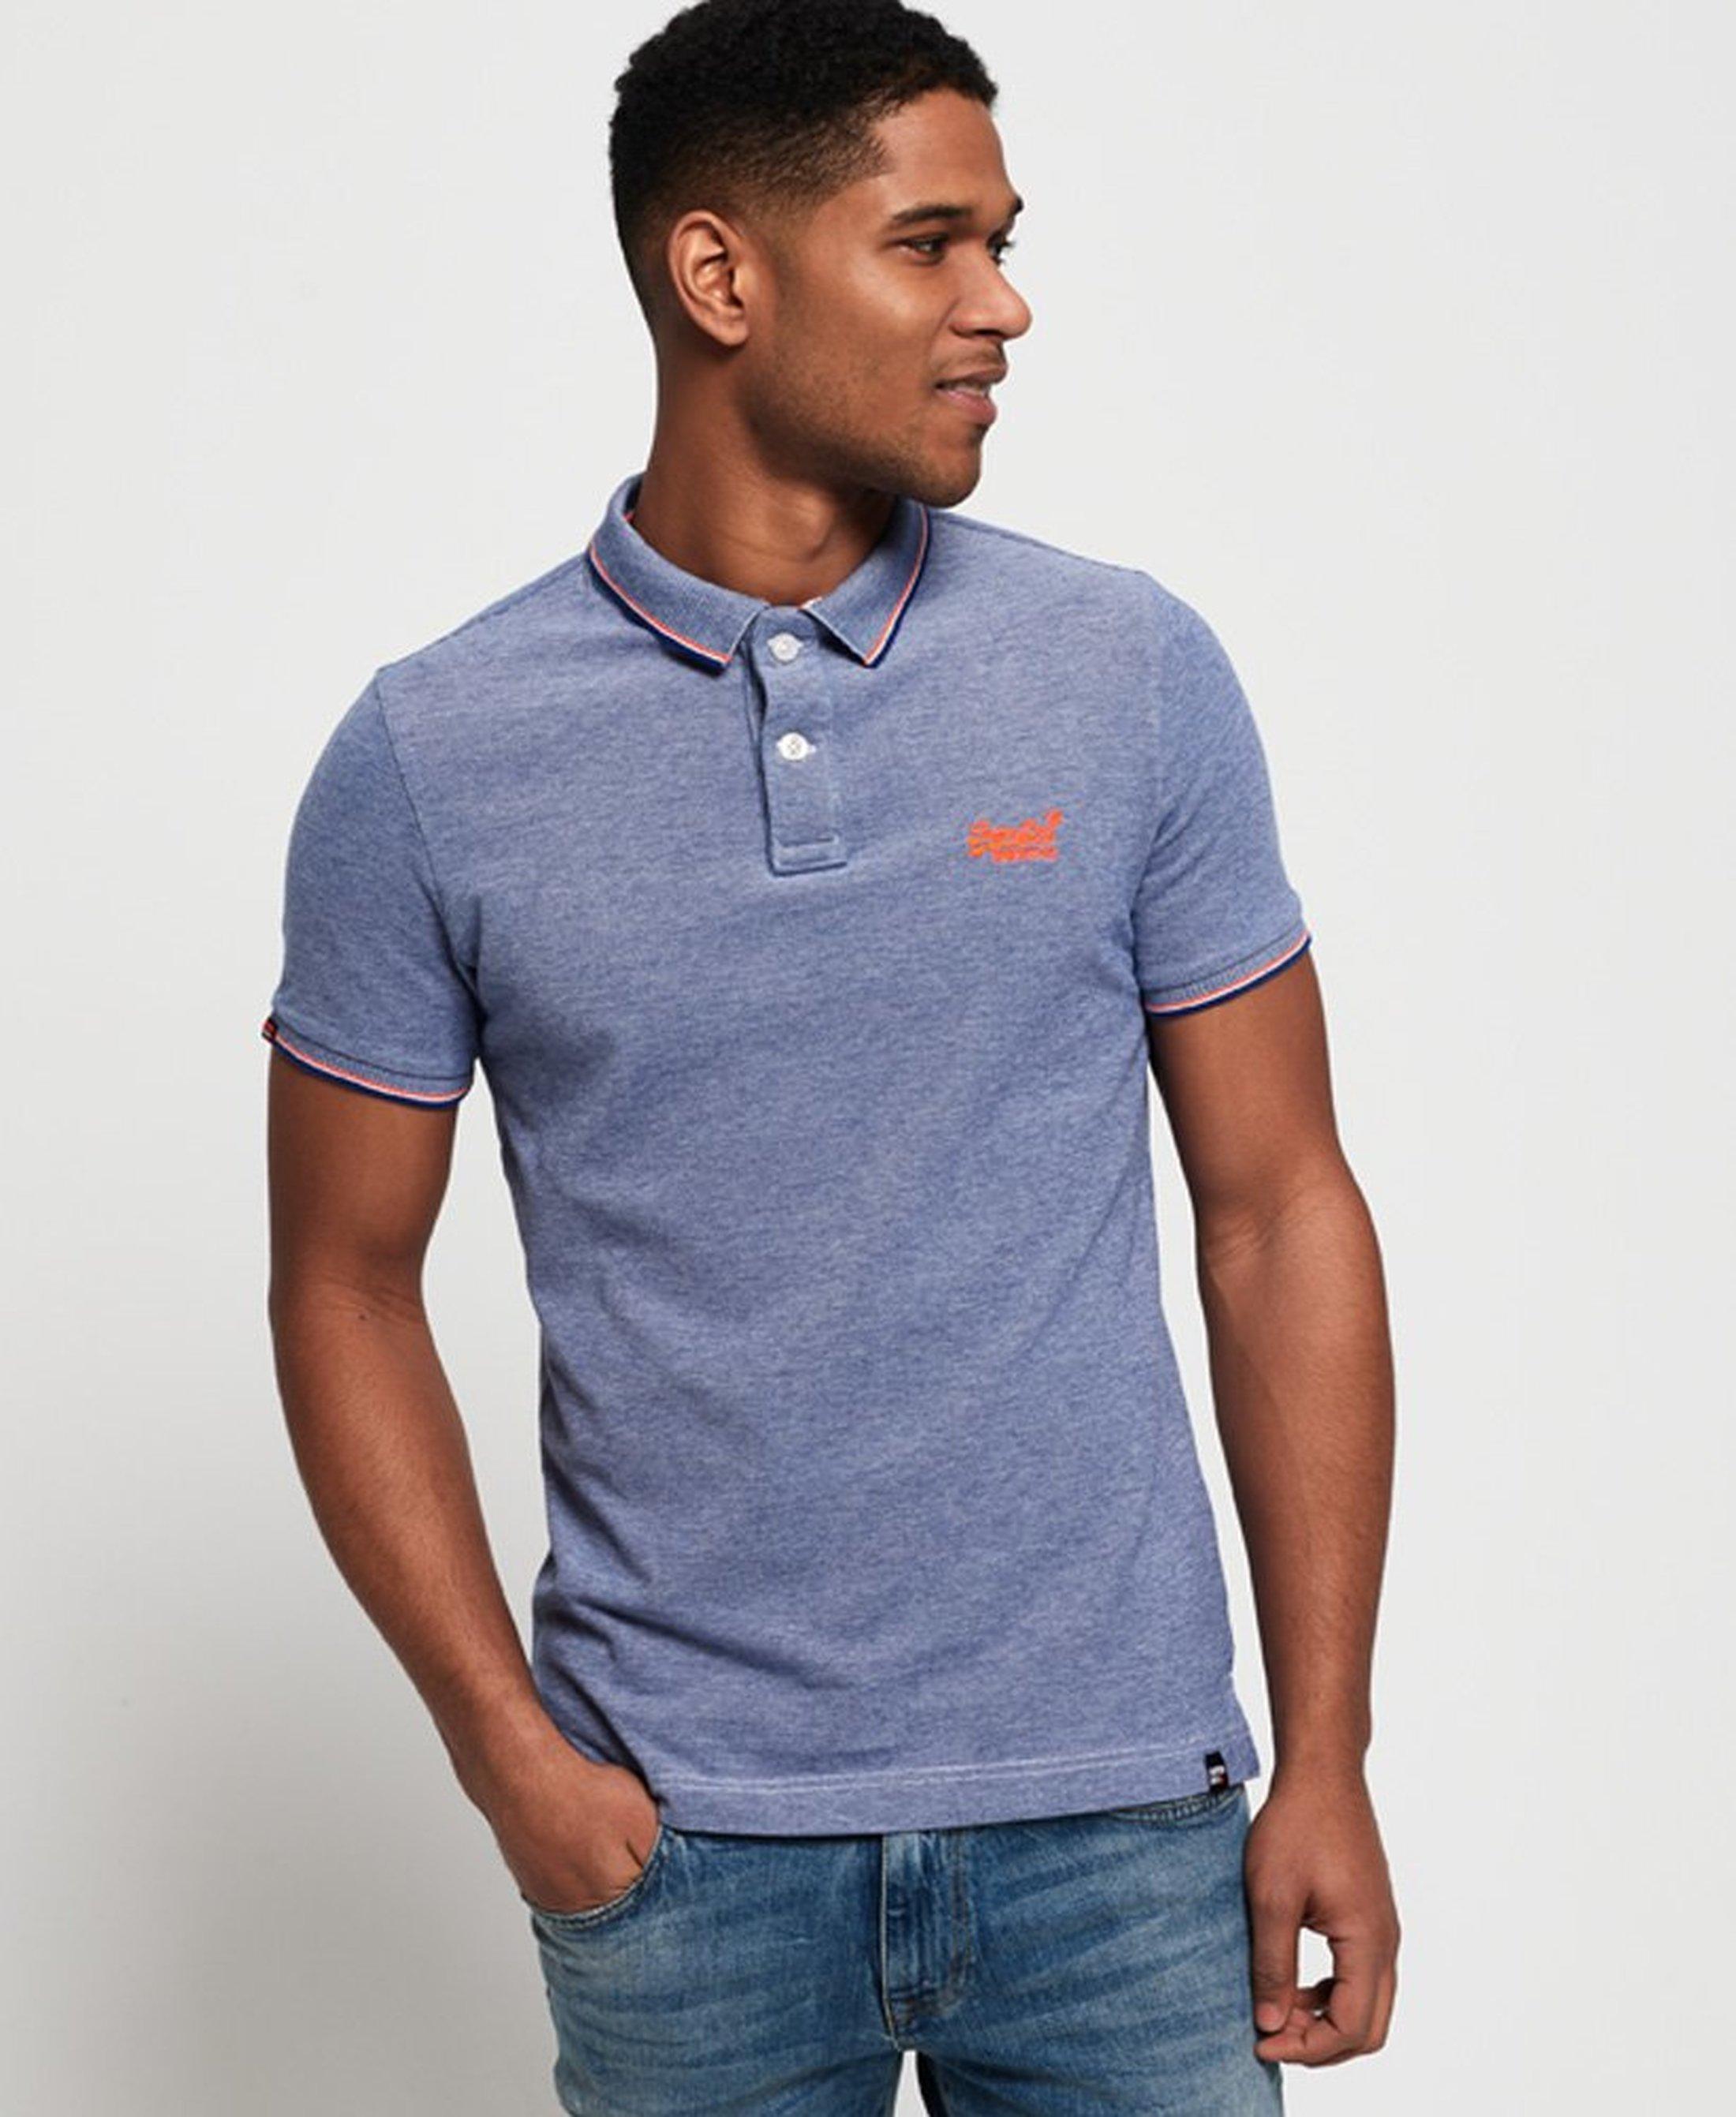 Superdry Premium Poloshirt Blau foto 5